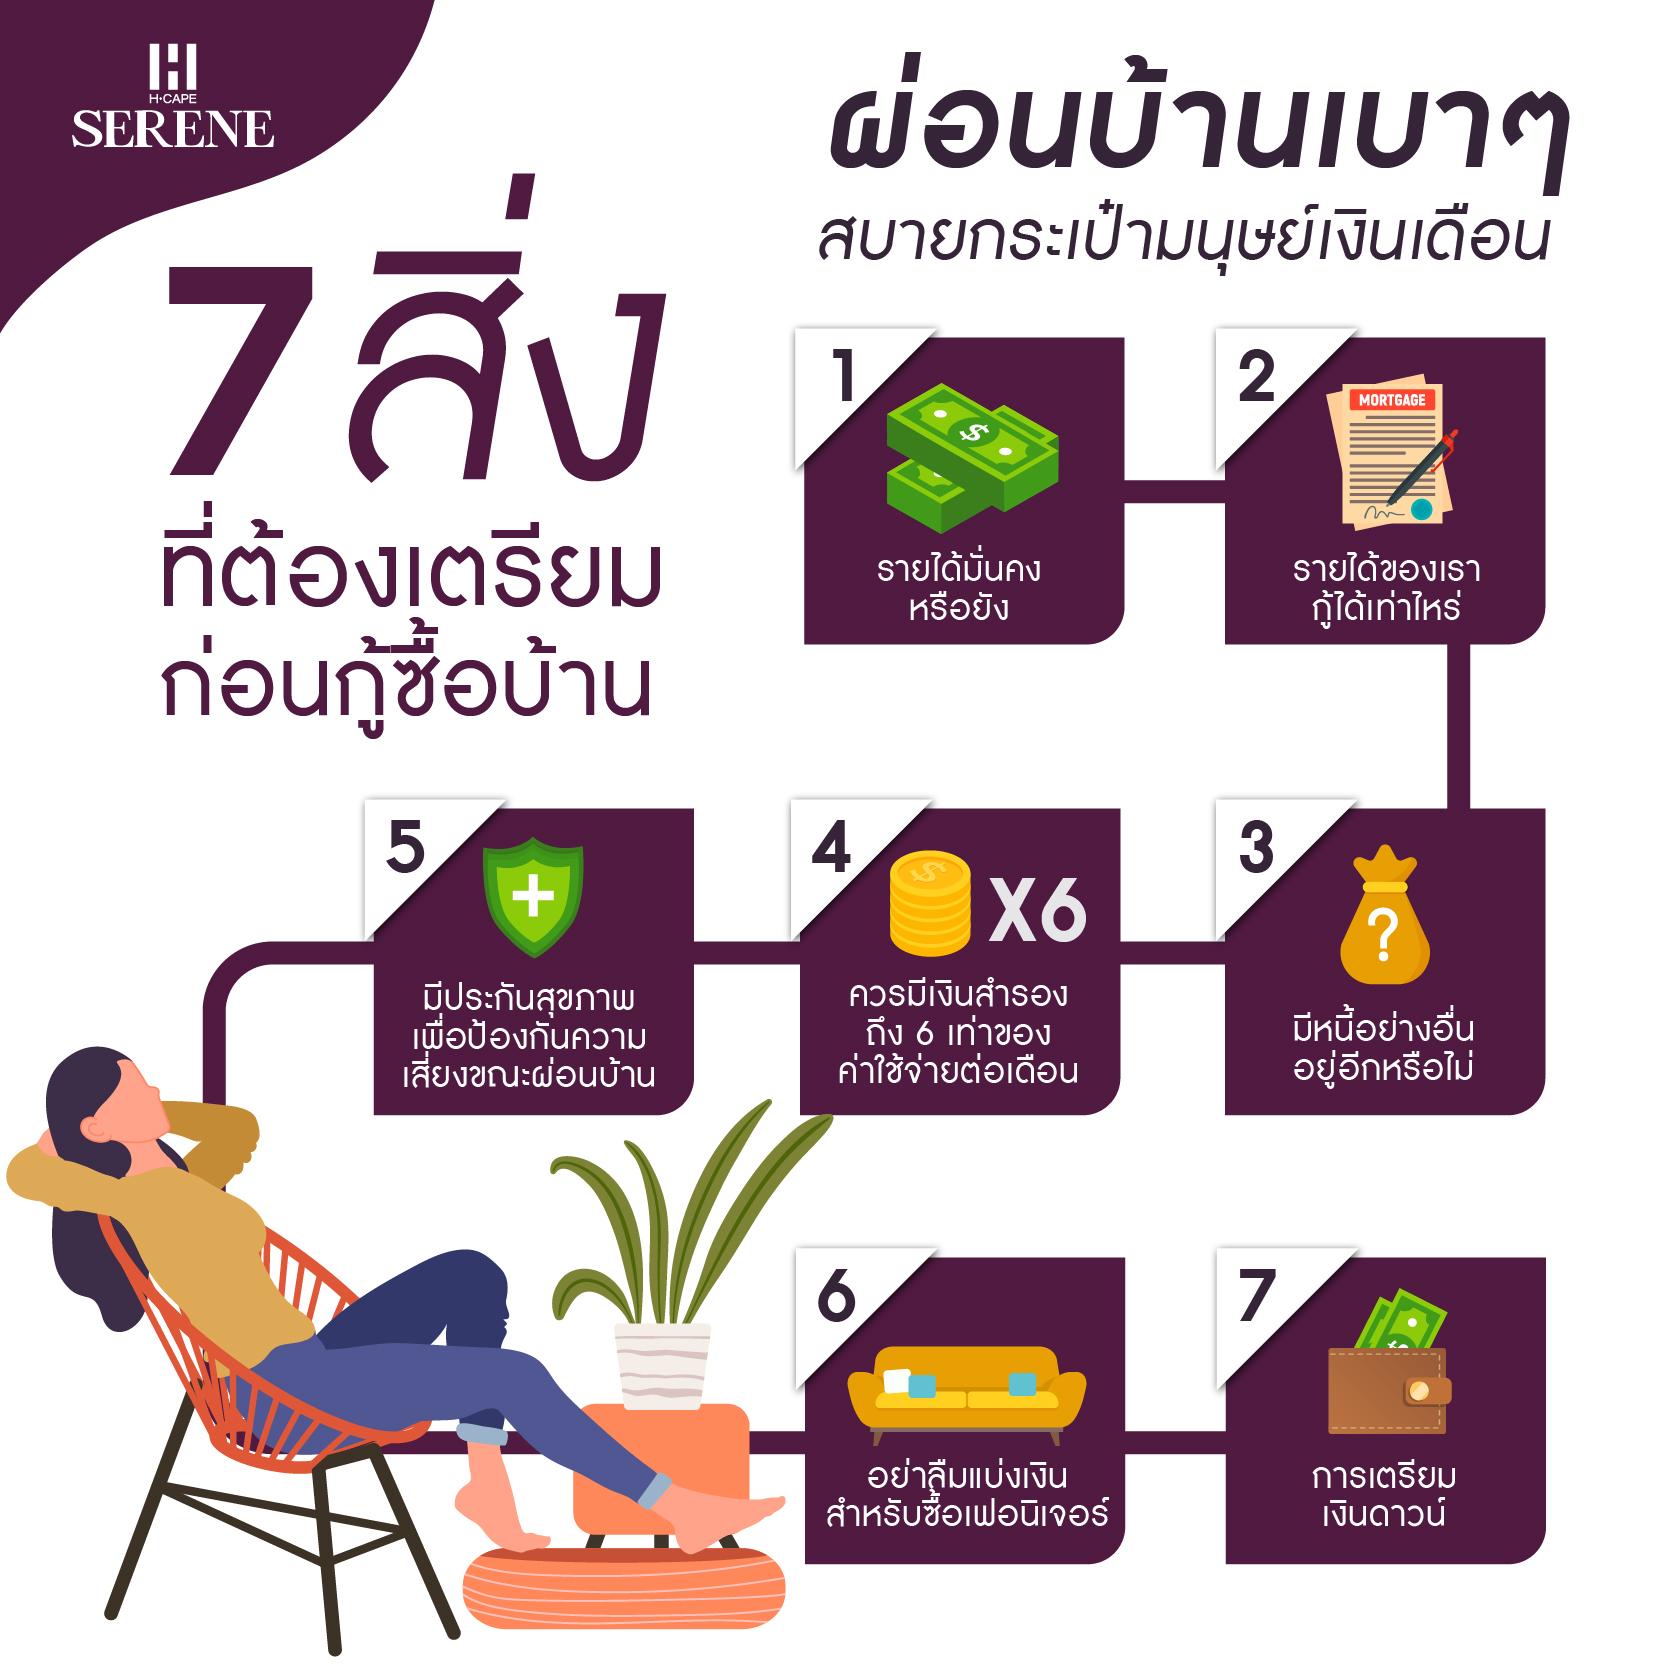 7 สิ่งที่ควรเตรียมให้พร้อมก่อนการกู้ซื้อบ้าน